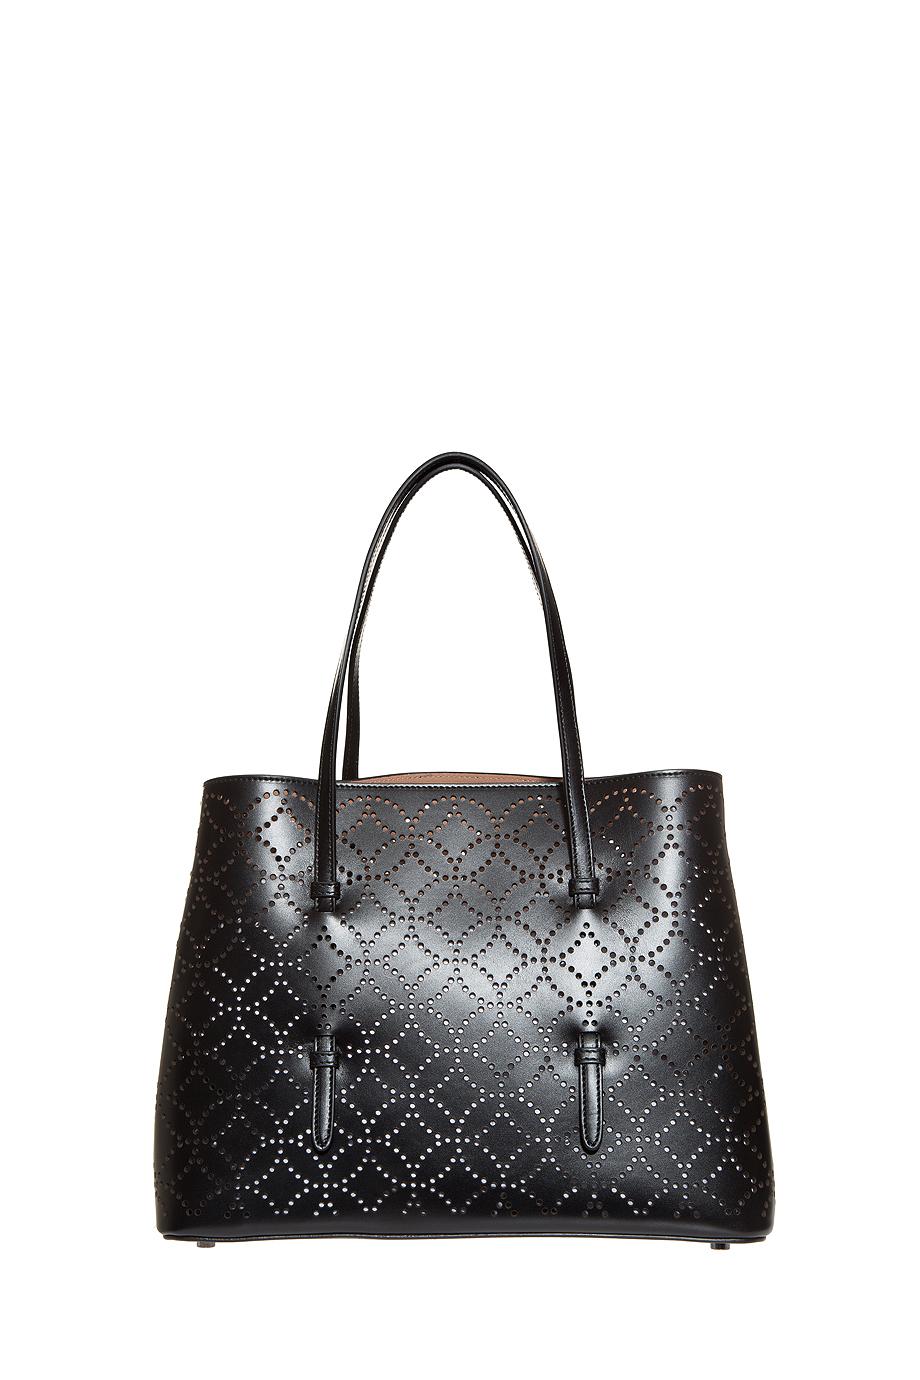 Alaïa Arabesque Tote Bag in Black